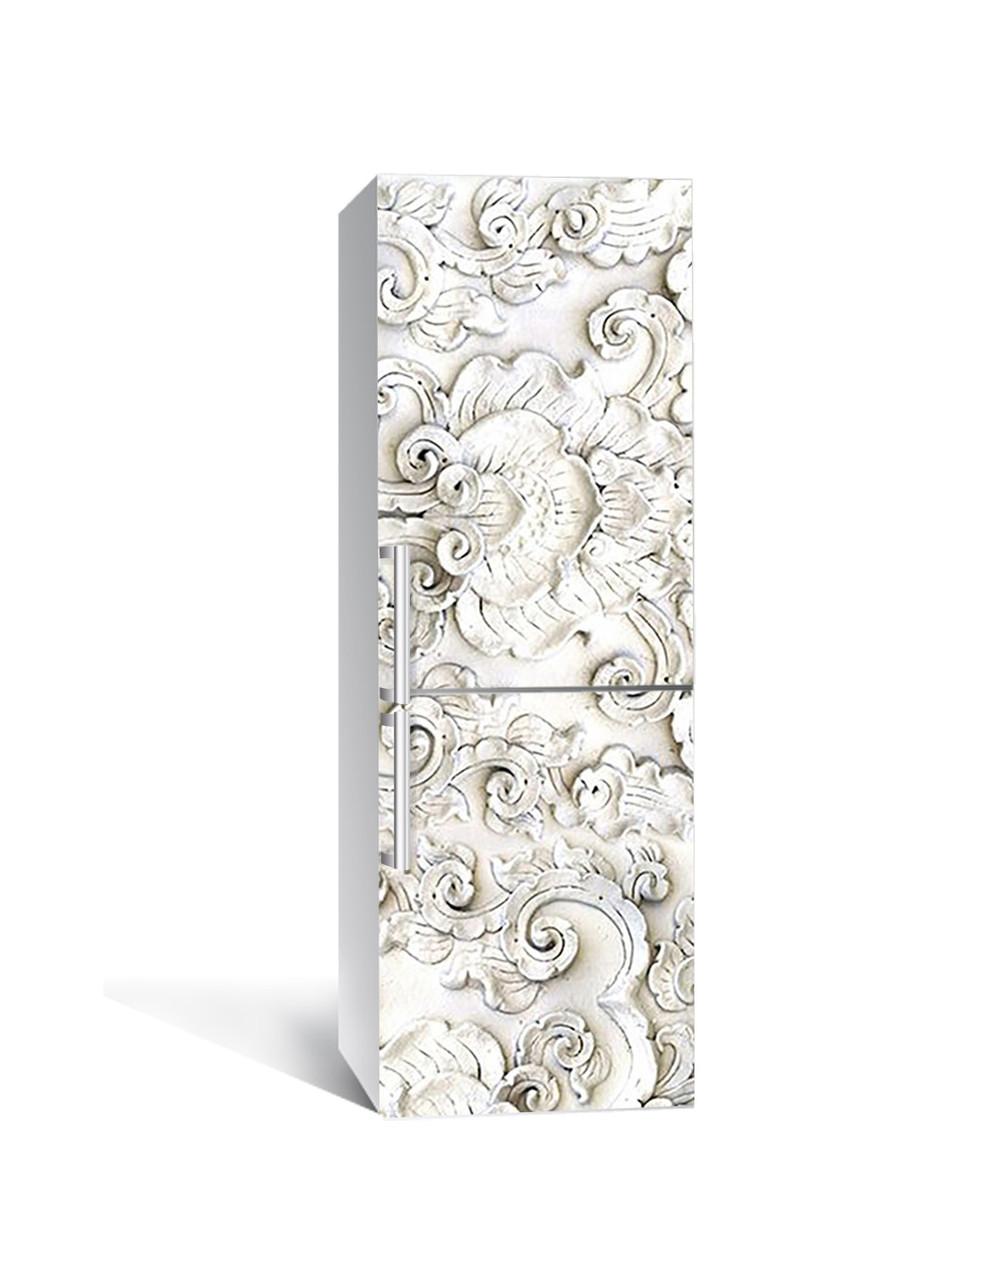 Виниловая 3Д наклейка на холодильник 3Д Лепнина ПВХ пленка самоклеющаяся узоры орнамент Текстуры Серый